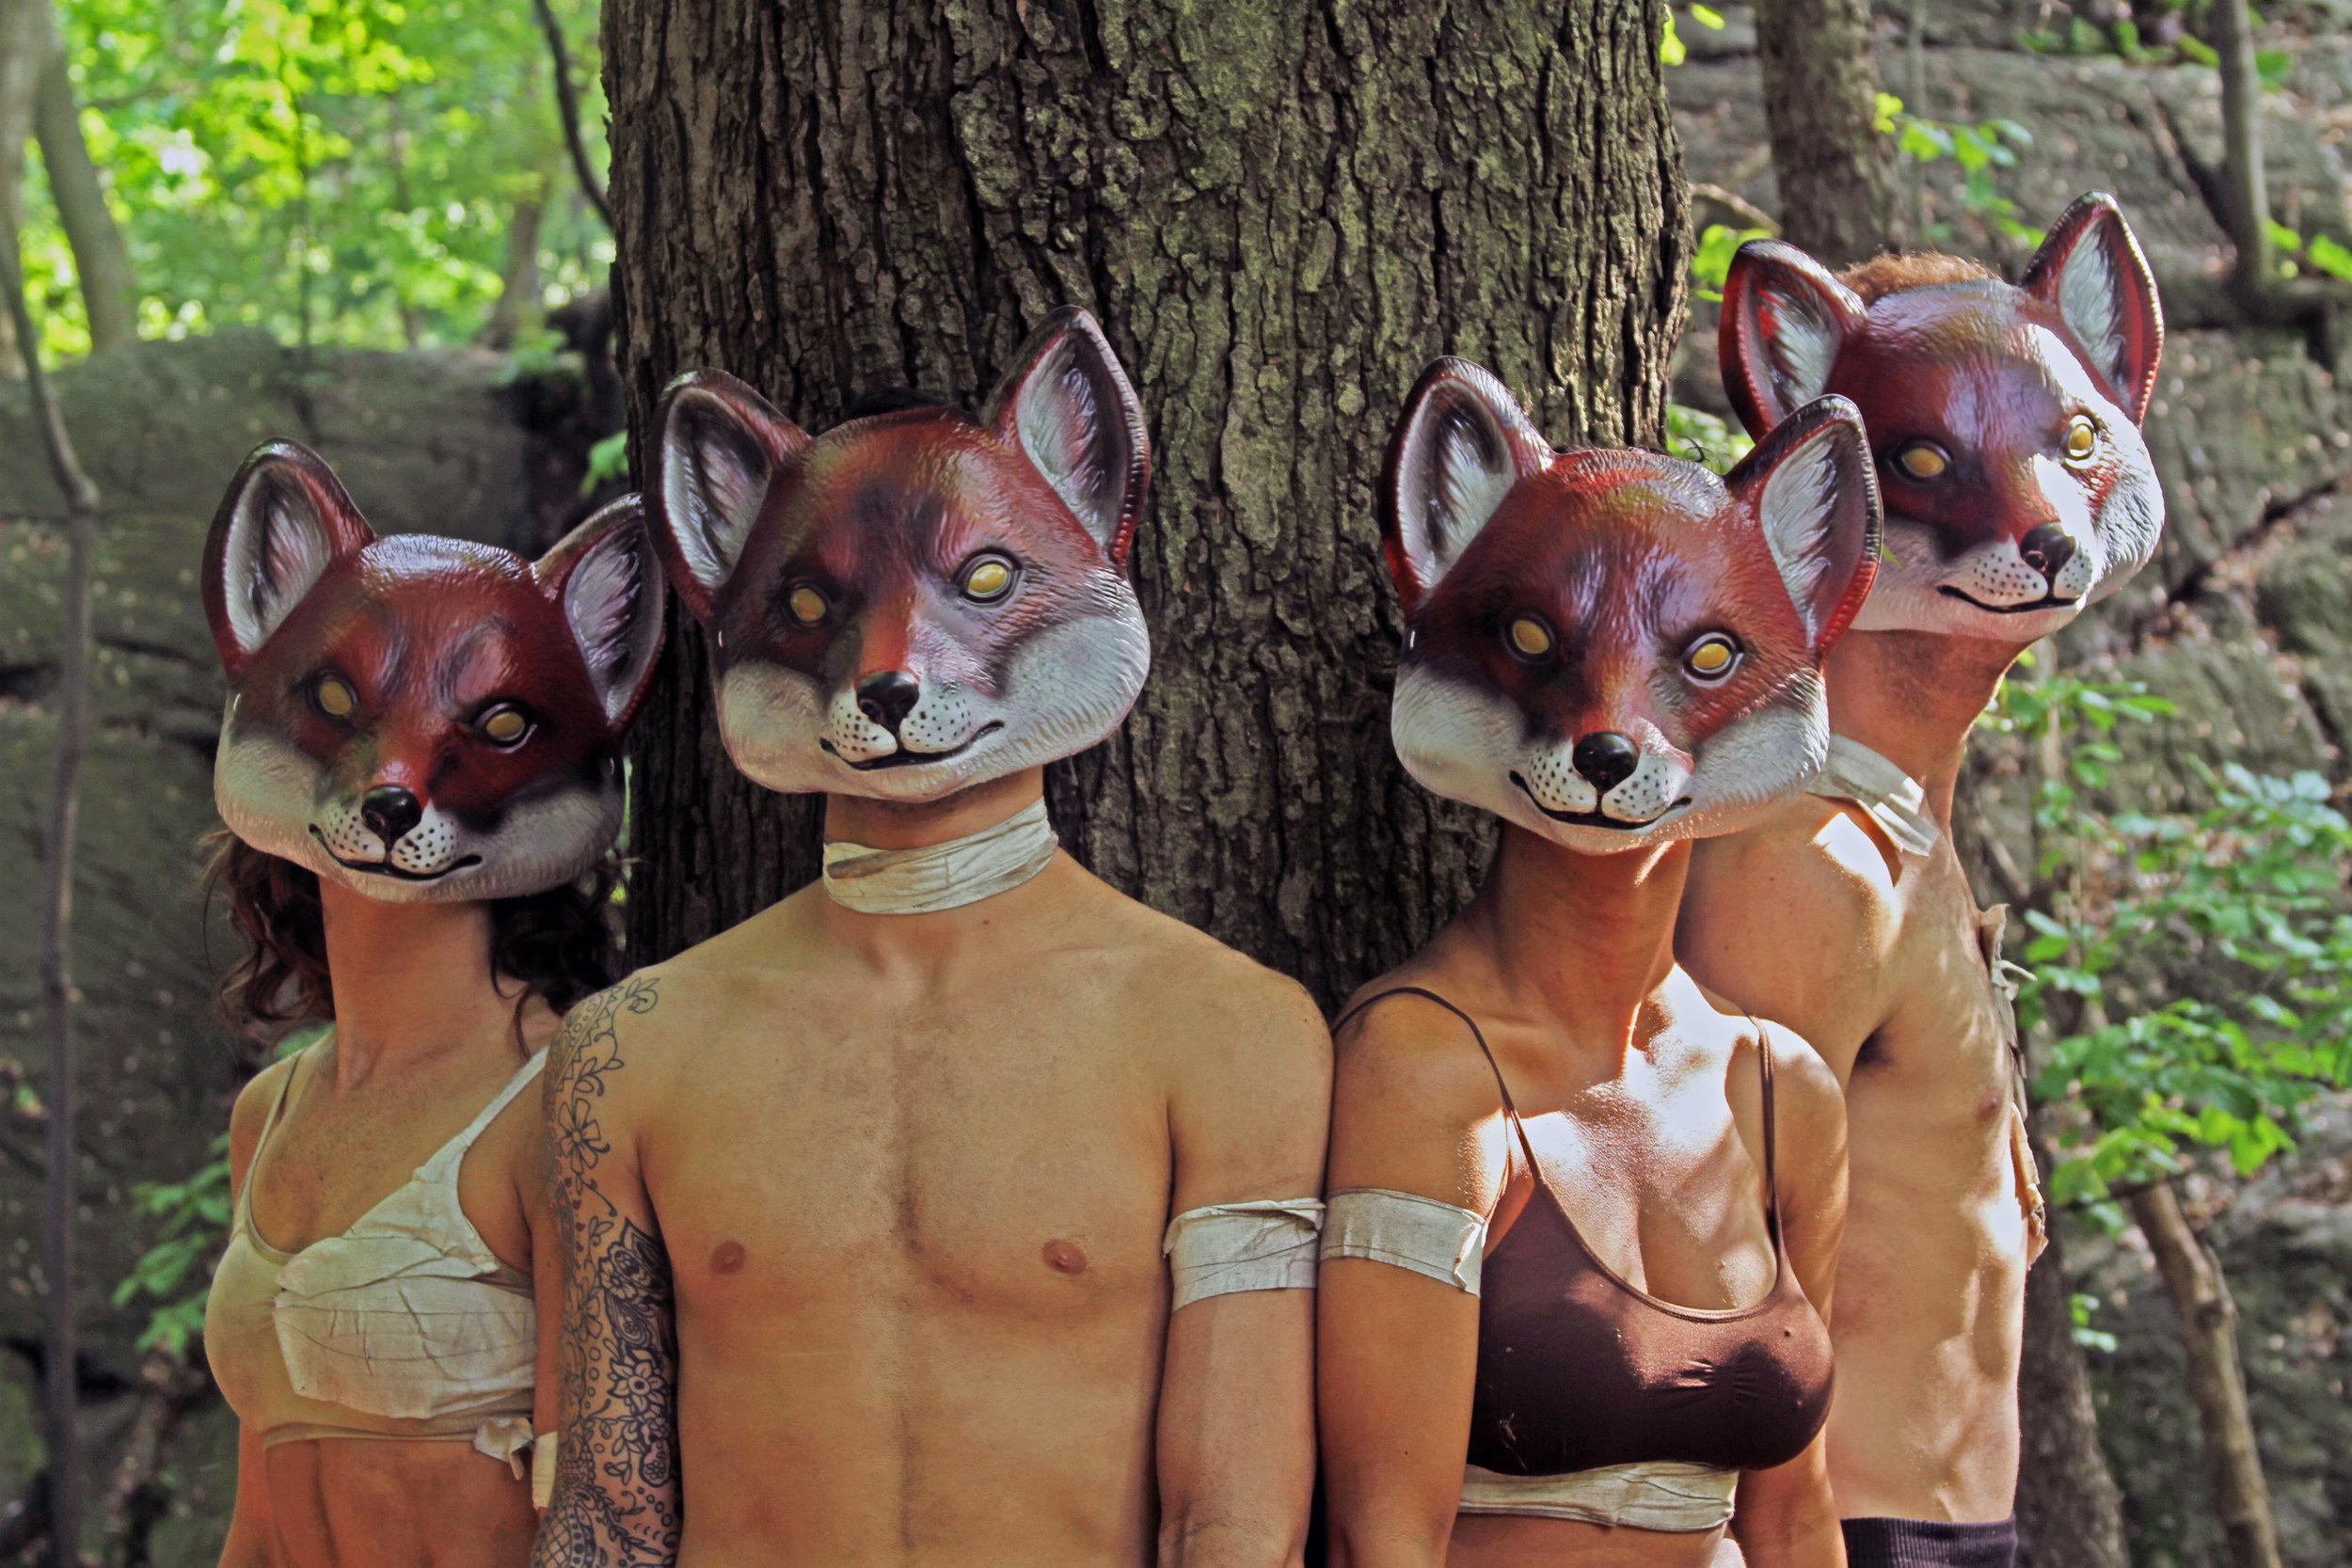 Foxes_img1.jpg